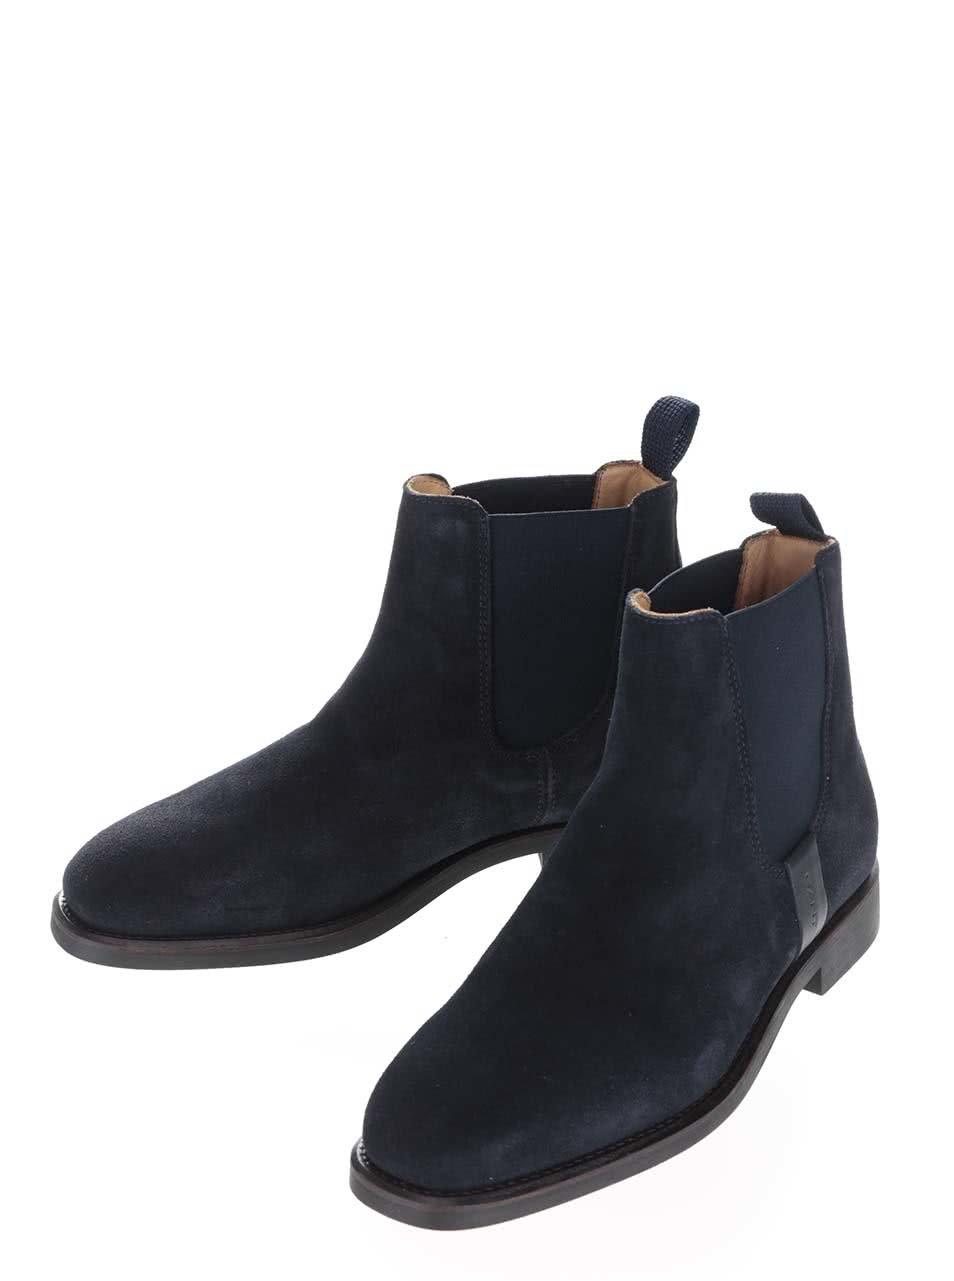 63b296d268a9 Tmavomodré dámske členkové topánky z brúsenej kože GANT Jennifer ...